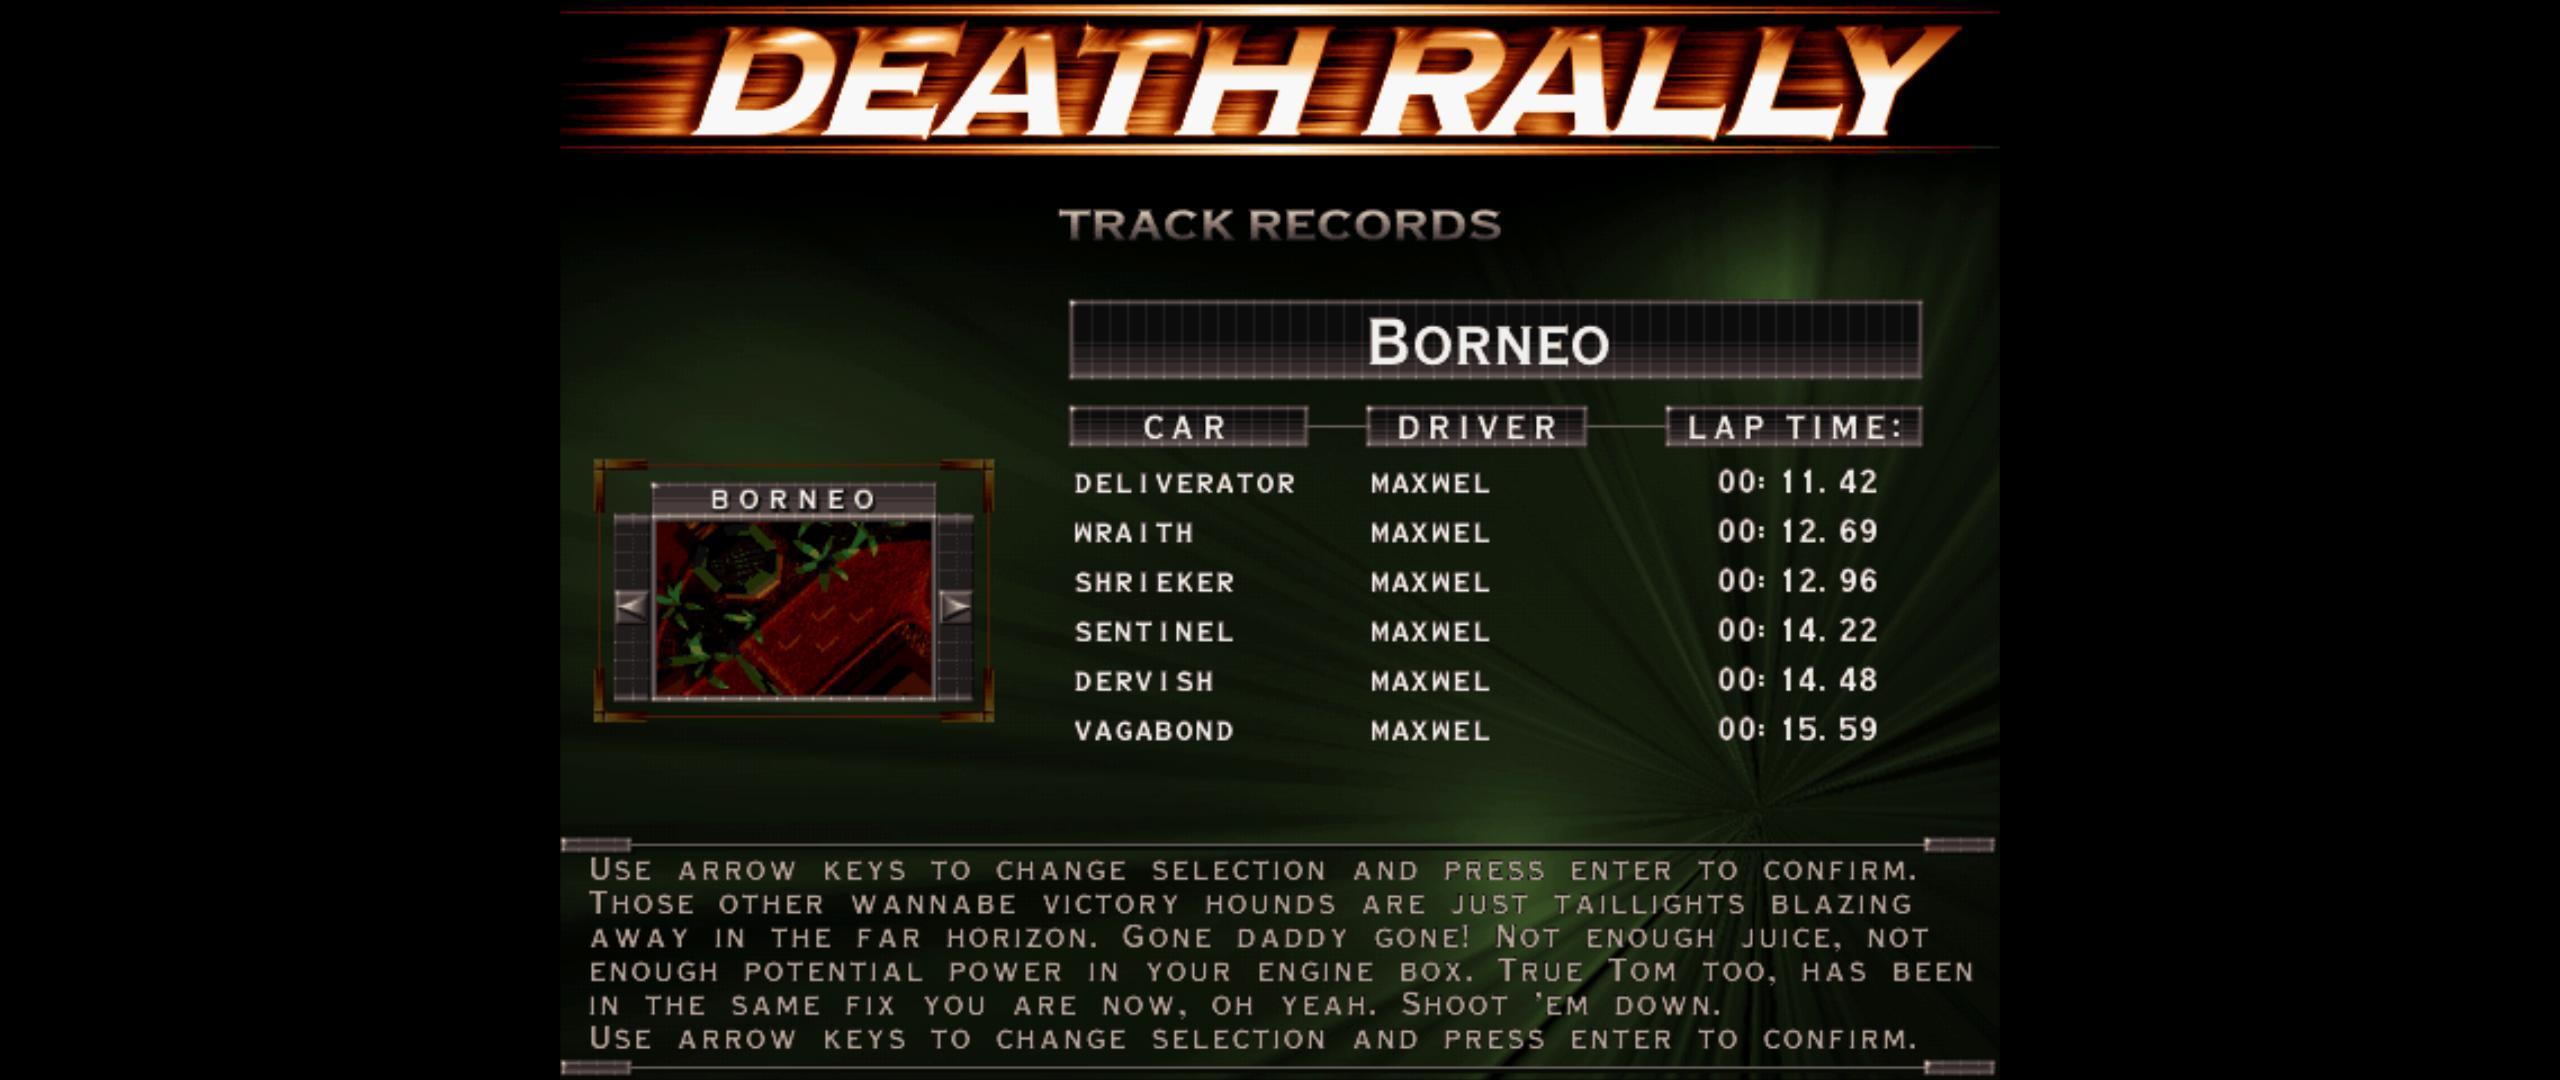 Maxwel: Death Rally [Borneo, Wraith Car] (PC) 0:00:12.69 points on 2016-03-04 07:55:54